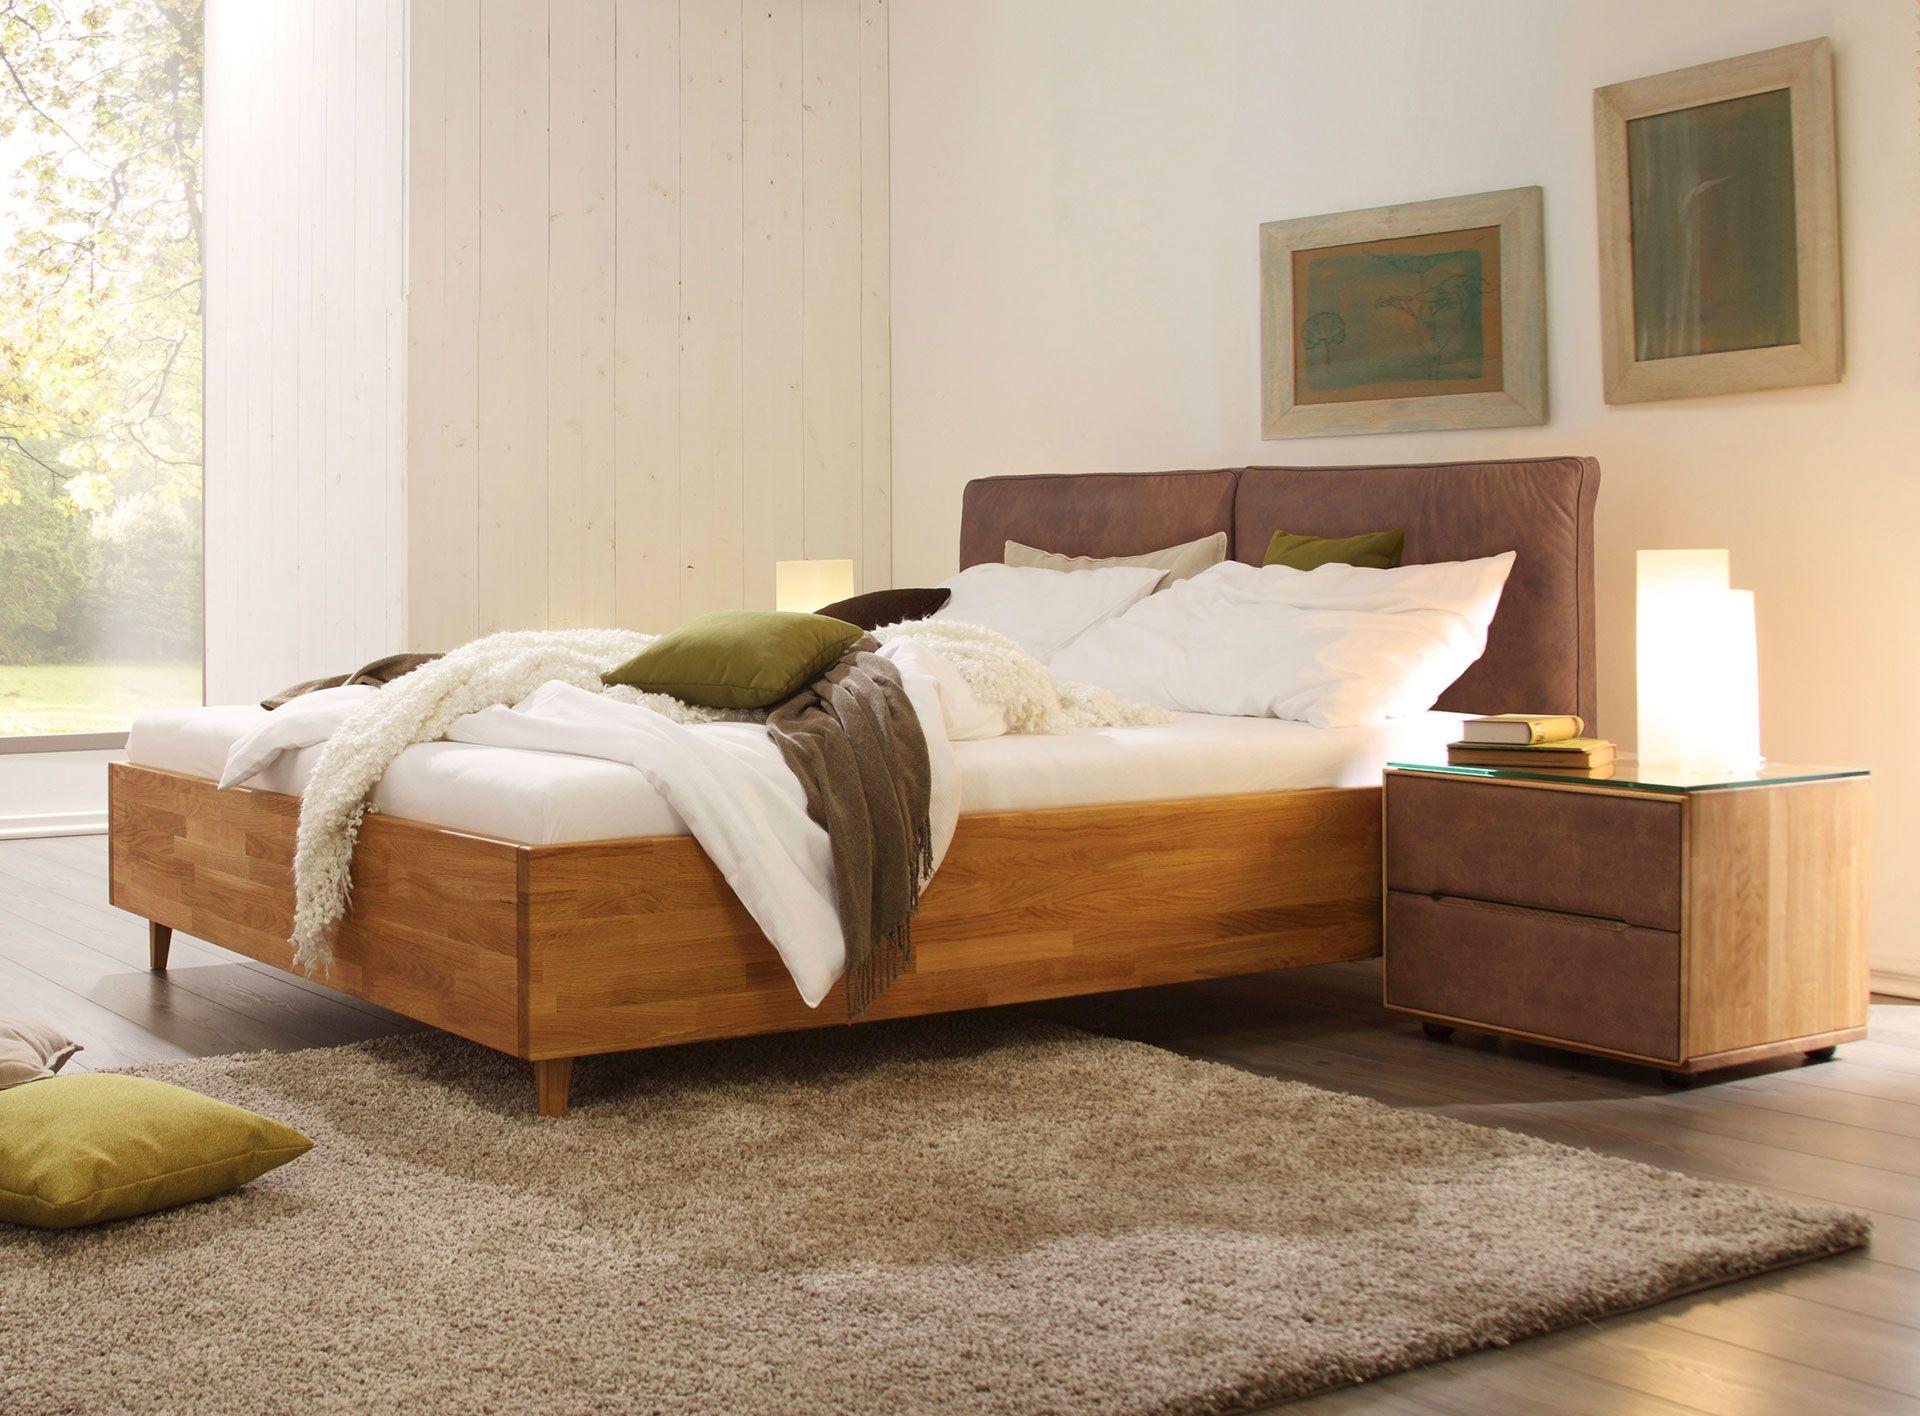 Schlafzimmer Buche ~ Balkenbett google search schlafzimmer google